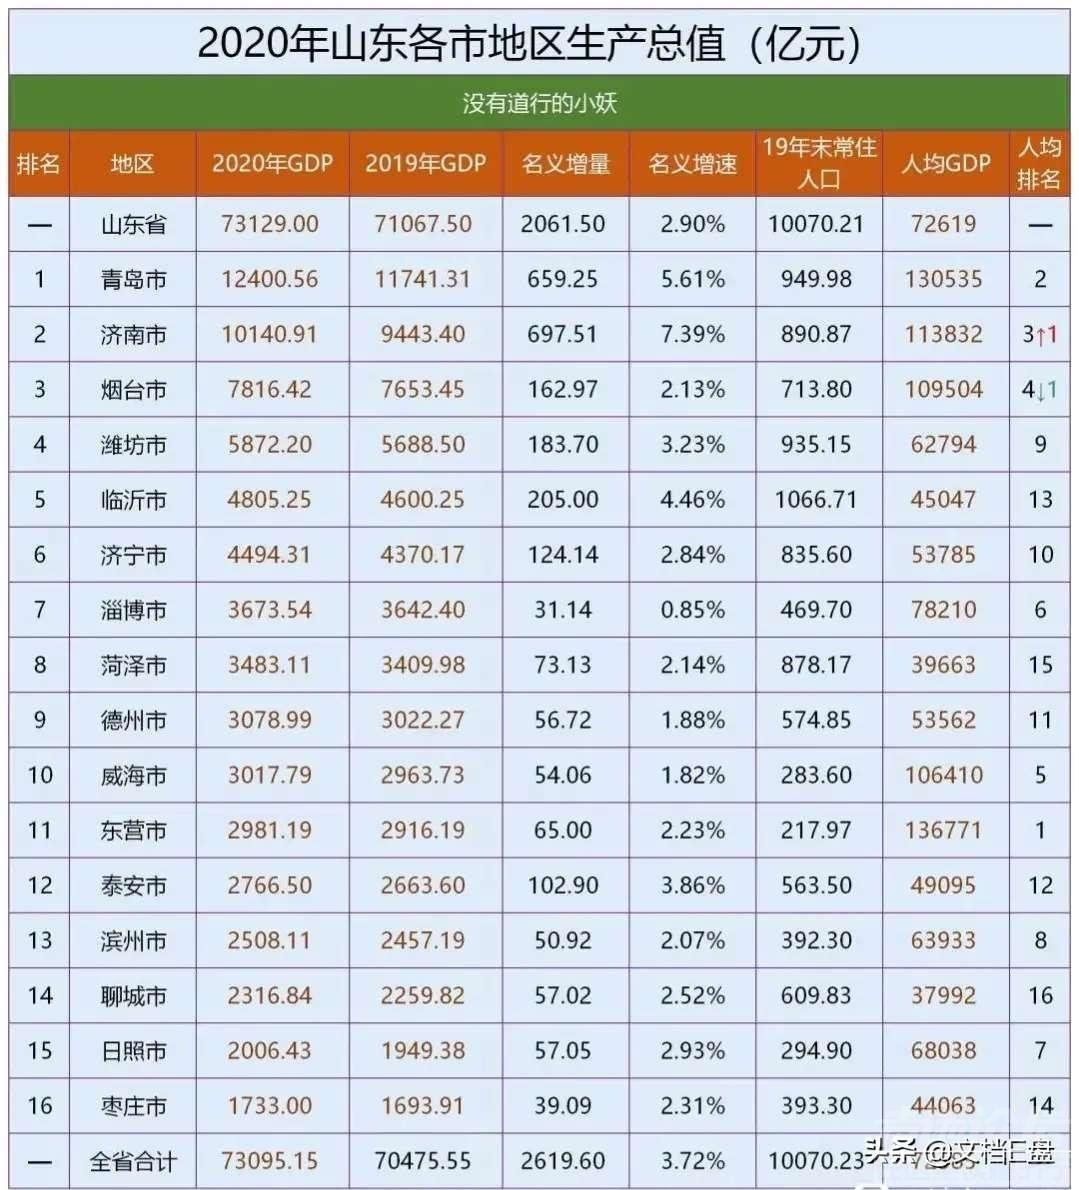 2020年潍坊gdp总量_潍坊2020年轻轨规划图